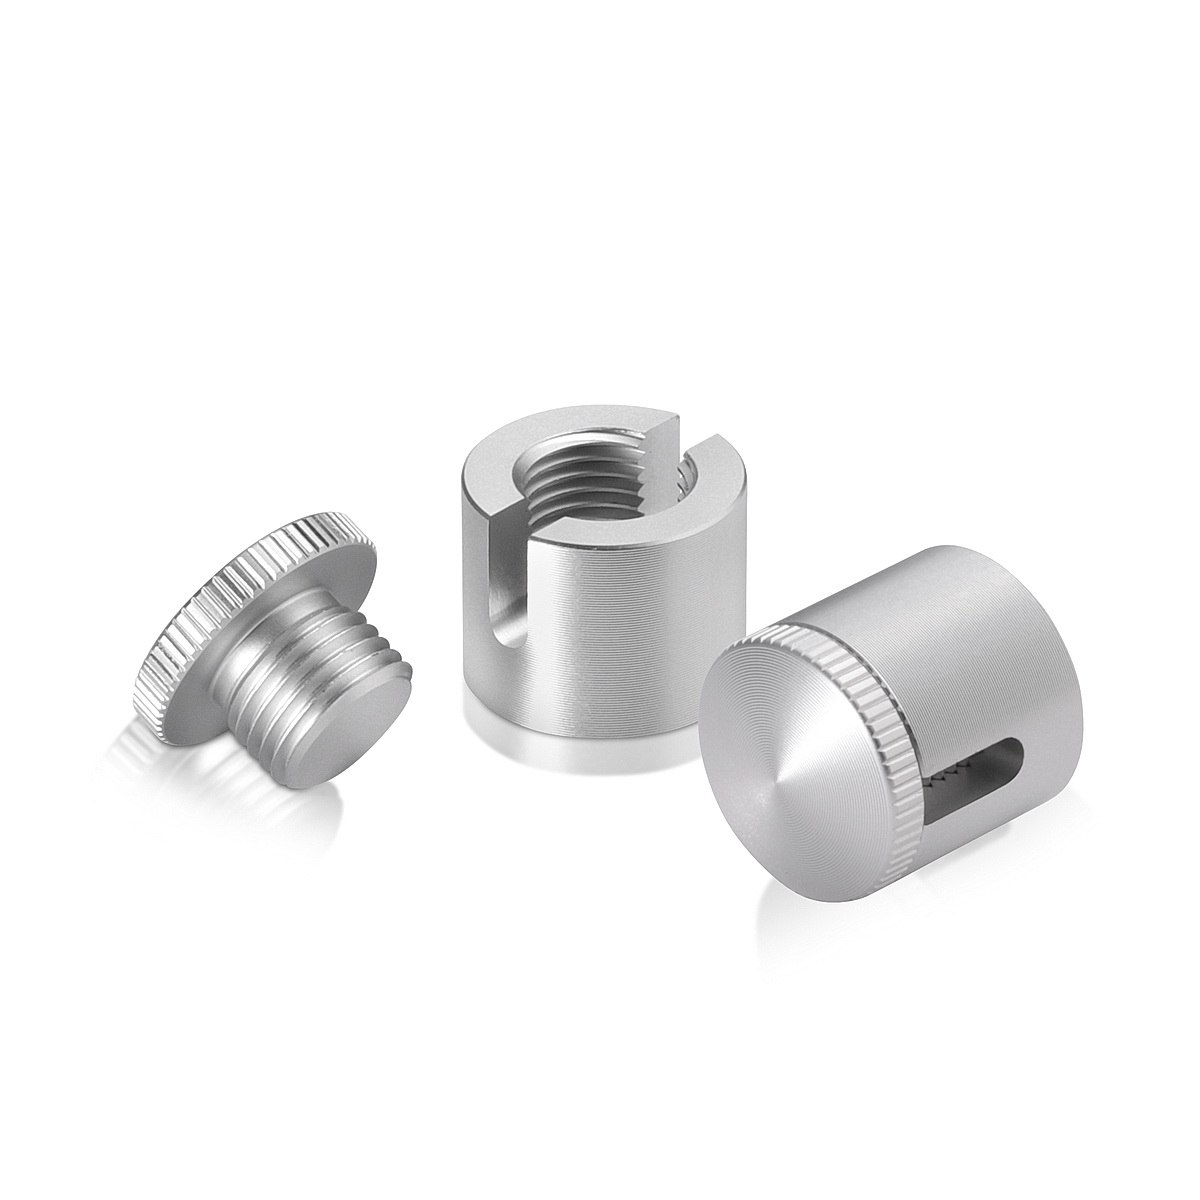 Aluminum Glass Standoff, Diameter: 5/8'', Standoff: 1/2'', Clear Anodized Finish